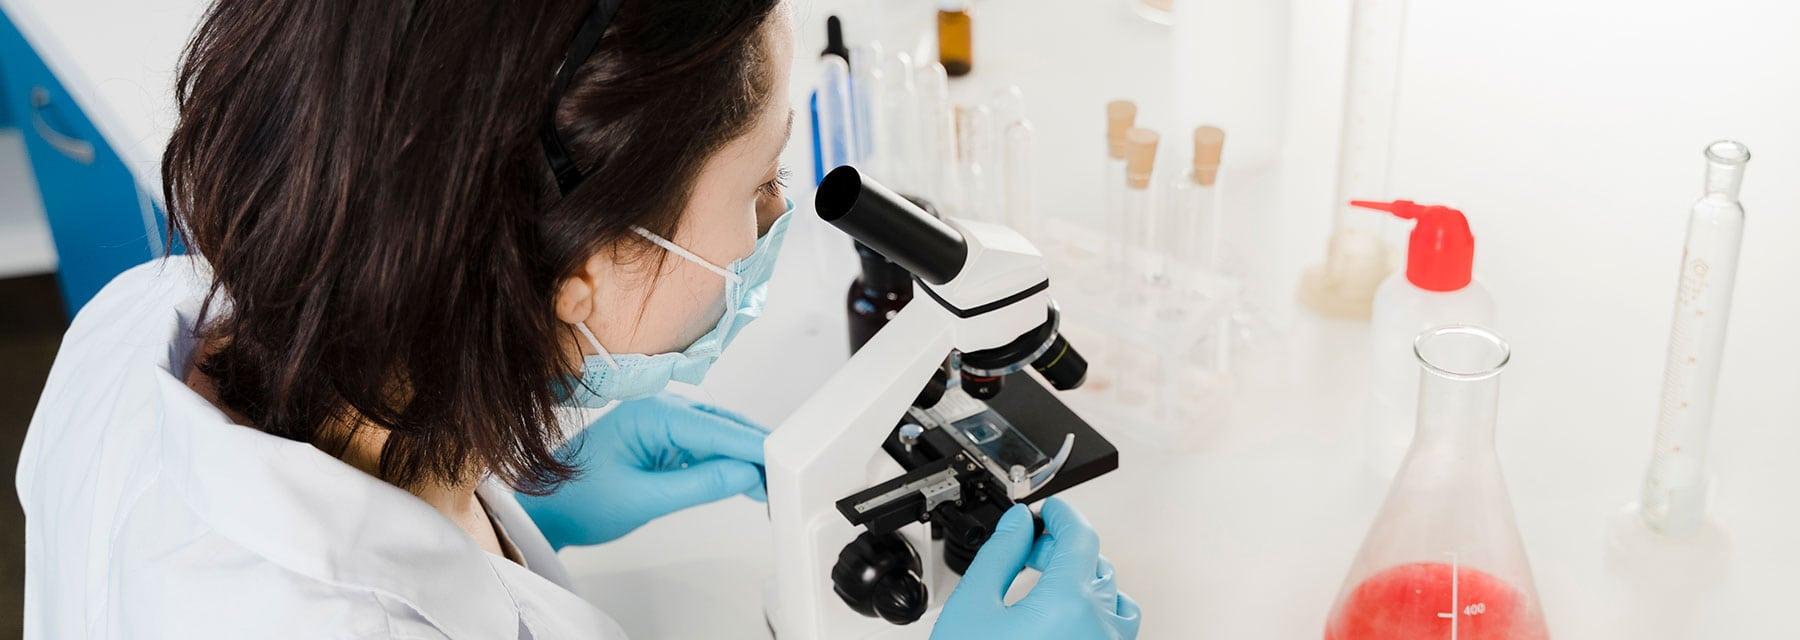 dónde estudiar un máster de biología molecular